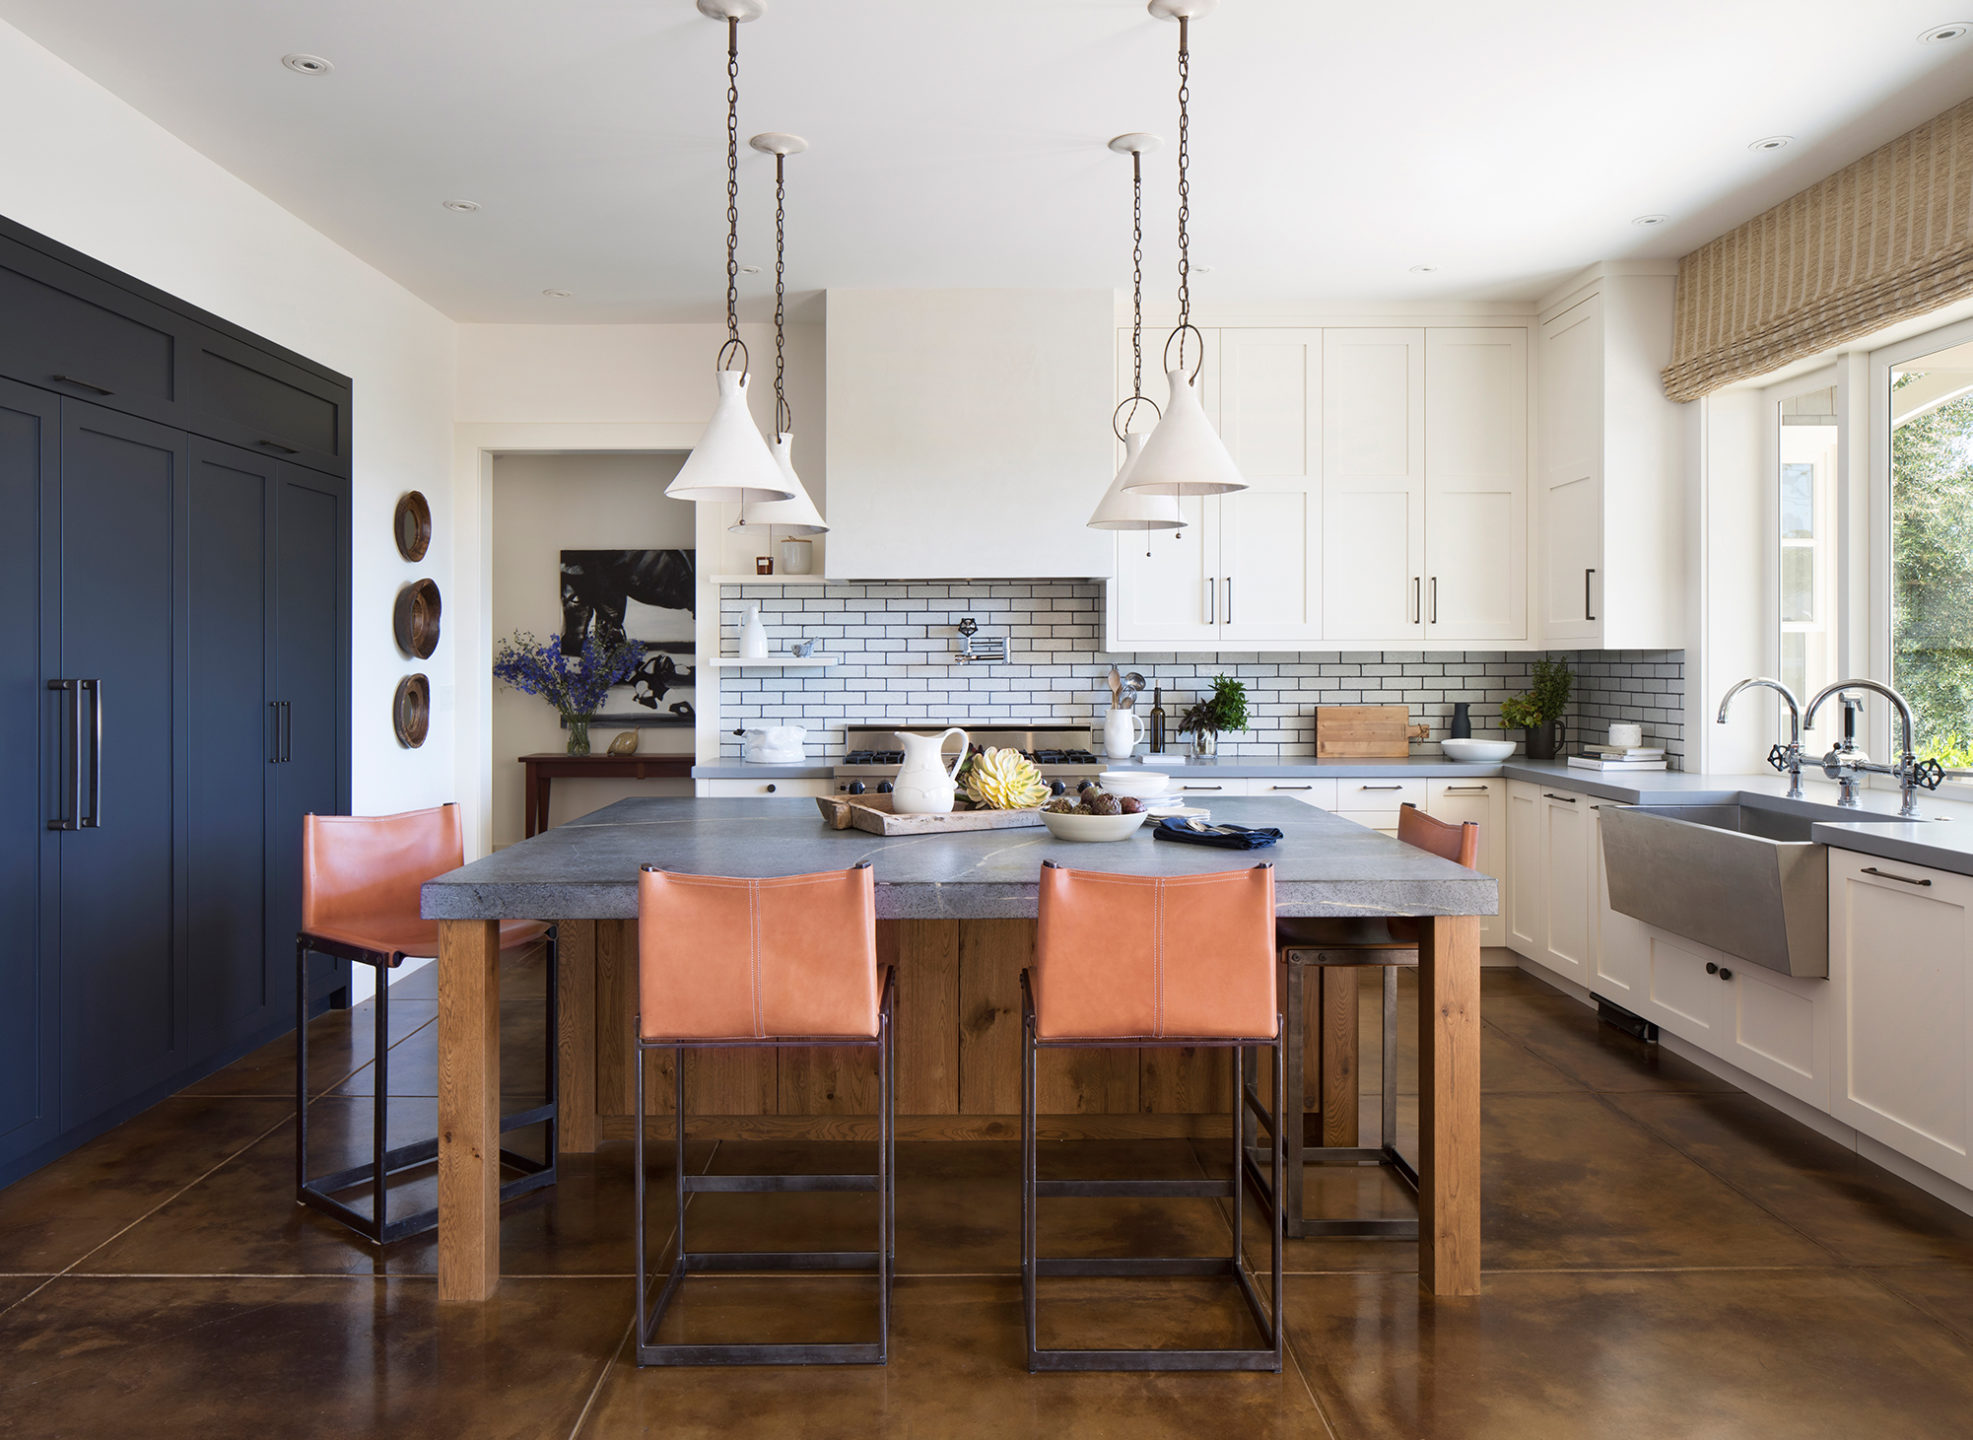 Jennifer_robins_interiors_projects_st_helena_III_8Fish_02_HR_kitchen